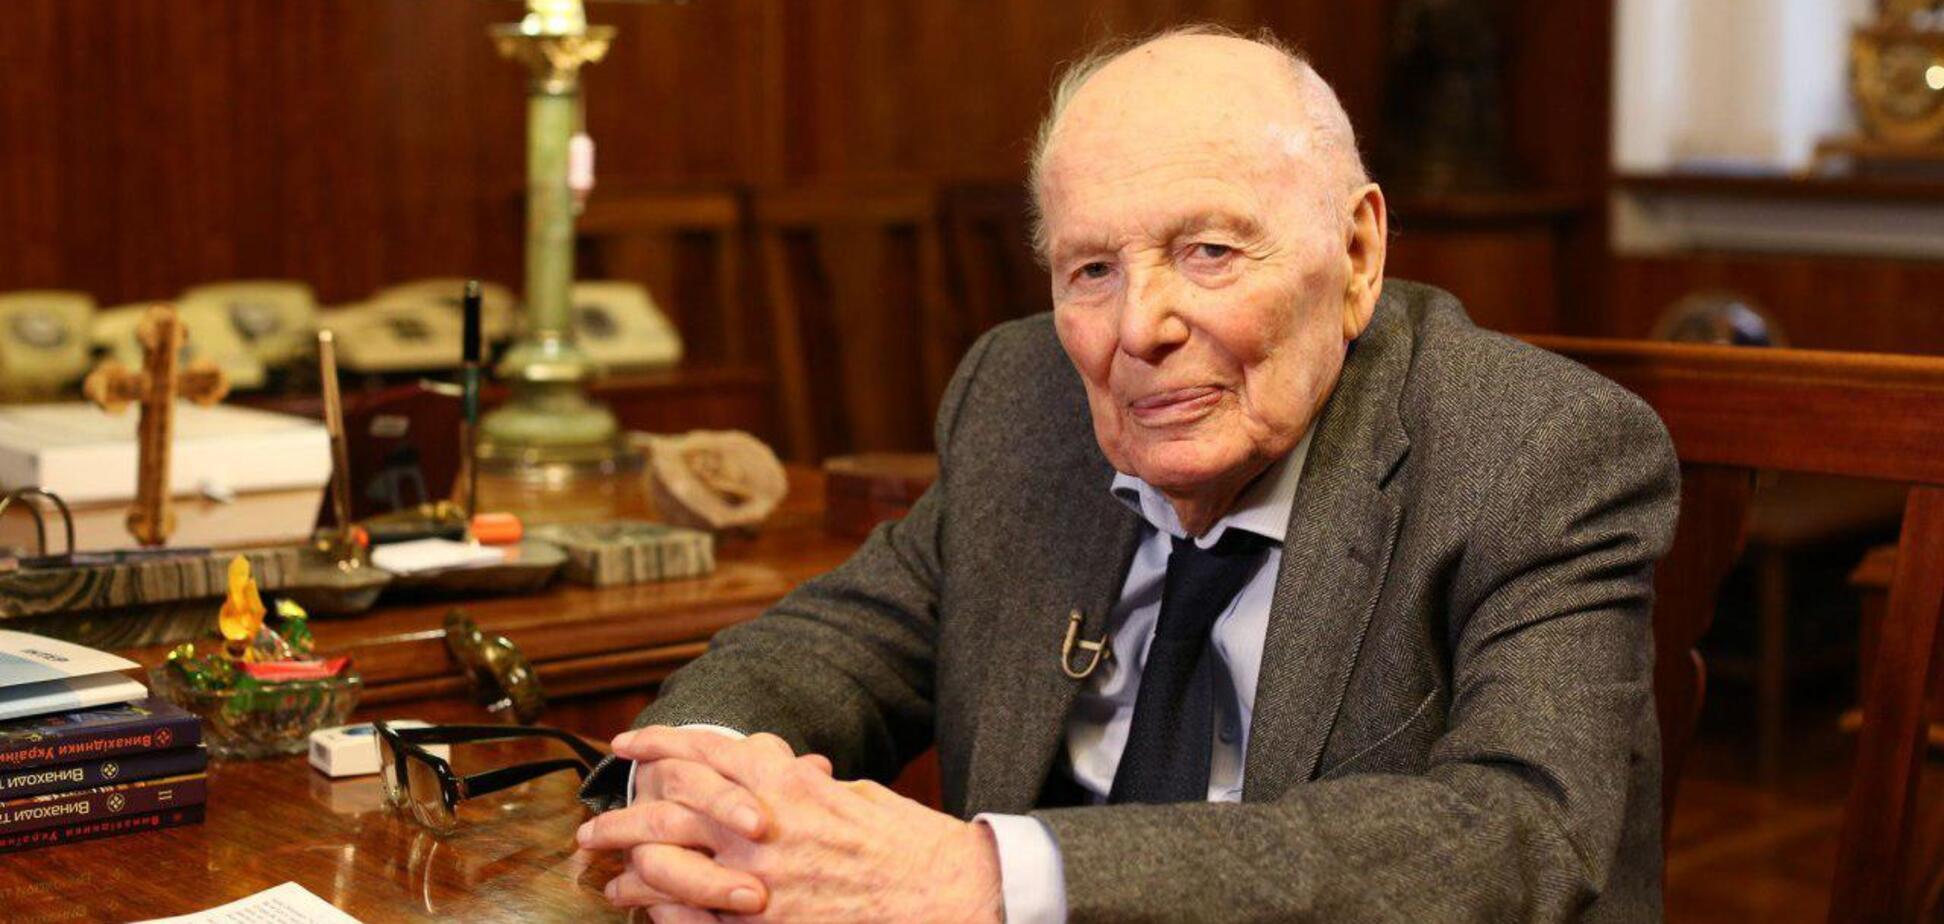 На 102 году жизни скончался известный украинский ученый Борис Патон